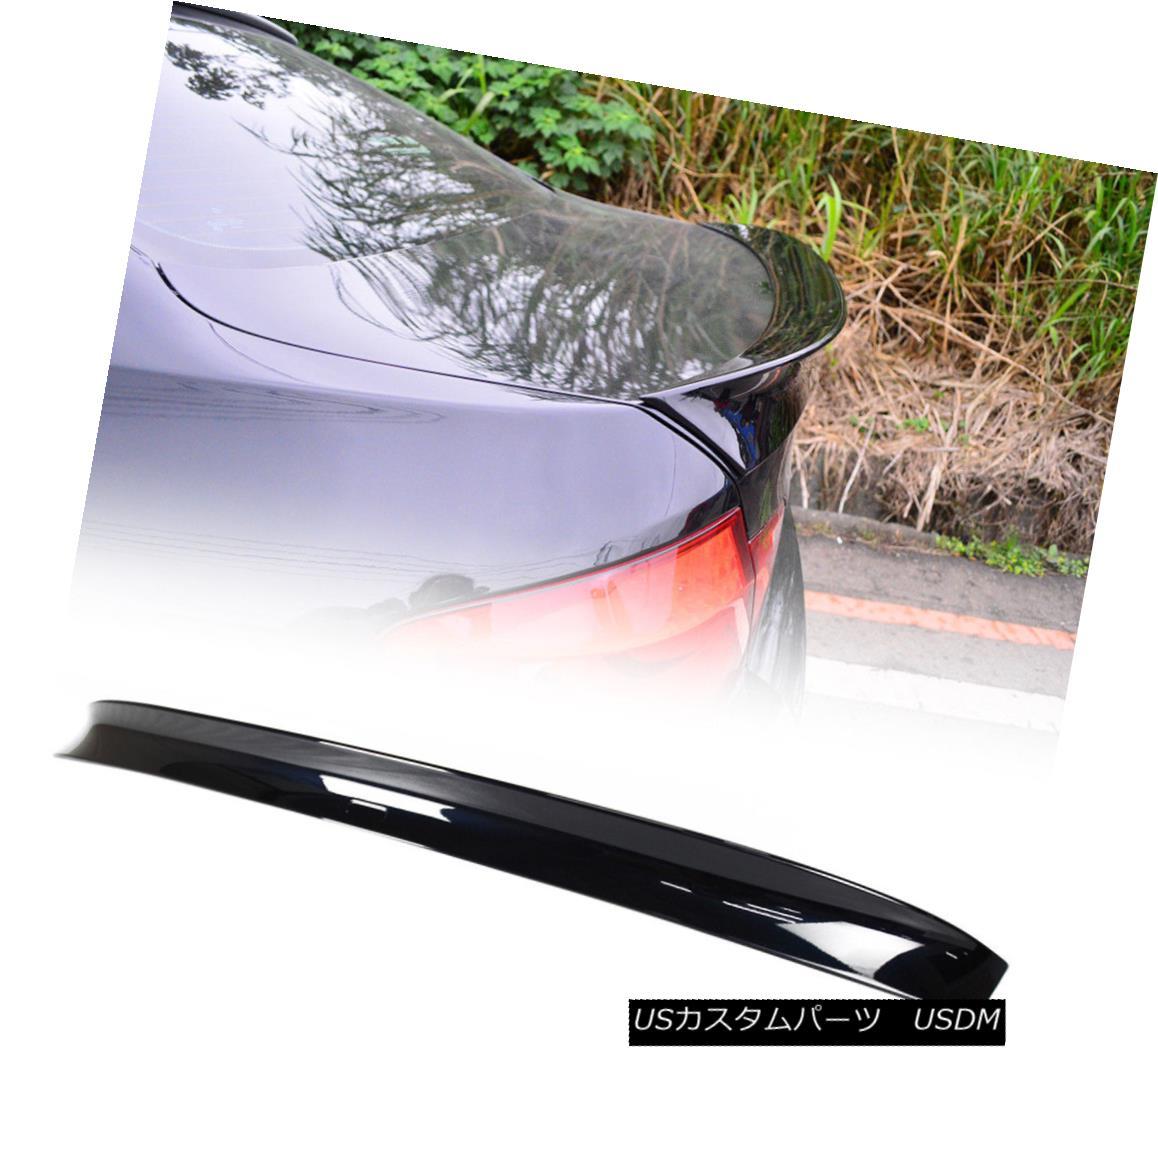 エアロパーツ Painted Color #416 For BMW F10 5-series A Style Rear Trunk Spoiler Wing ABS ペイントカラー#416 BMW F10 5シリーズAスタイルリアトランクスポイラーウィングABS